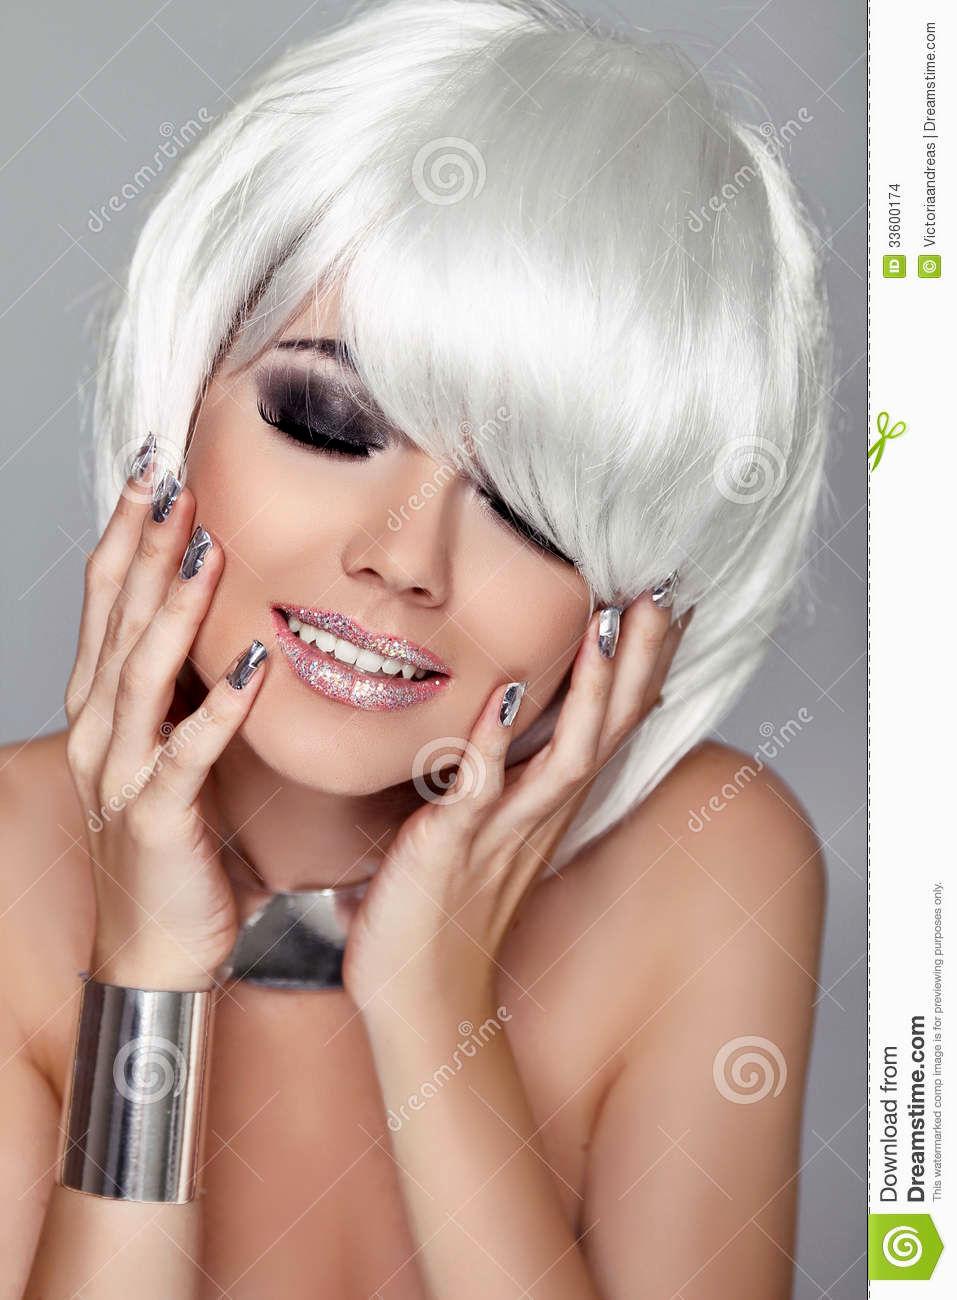 lovely corte em cabelo curto retrato-Beautiful Corte Em Cabelo Curto Coleção Padrão